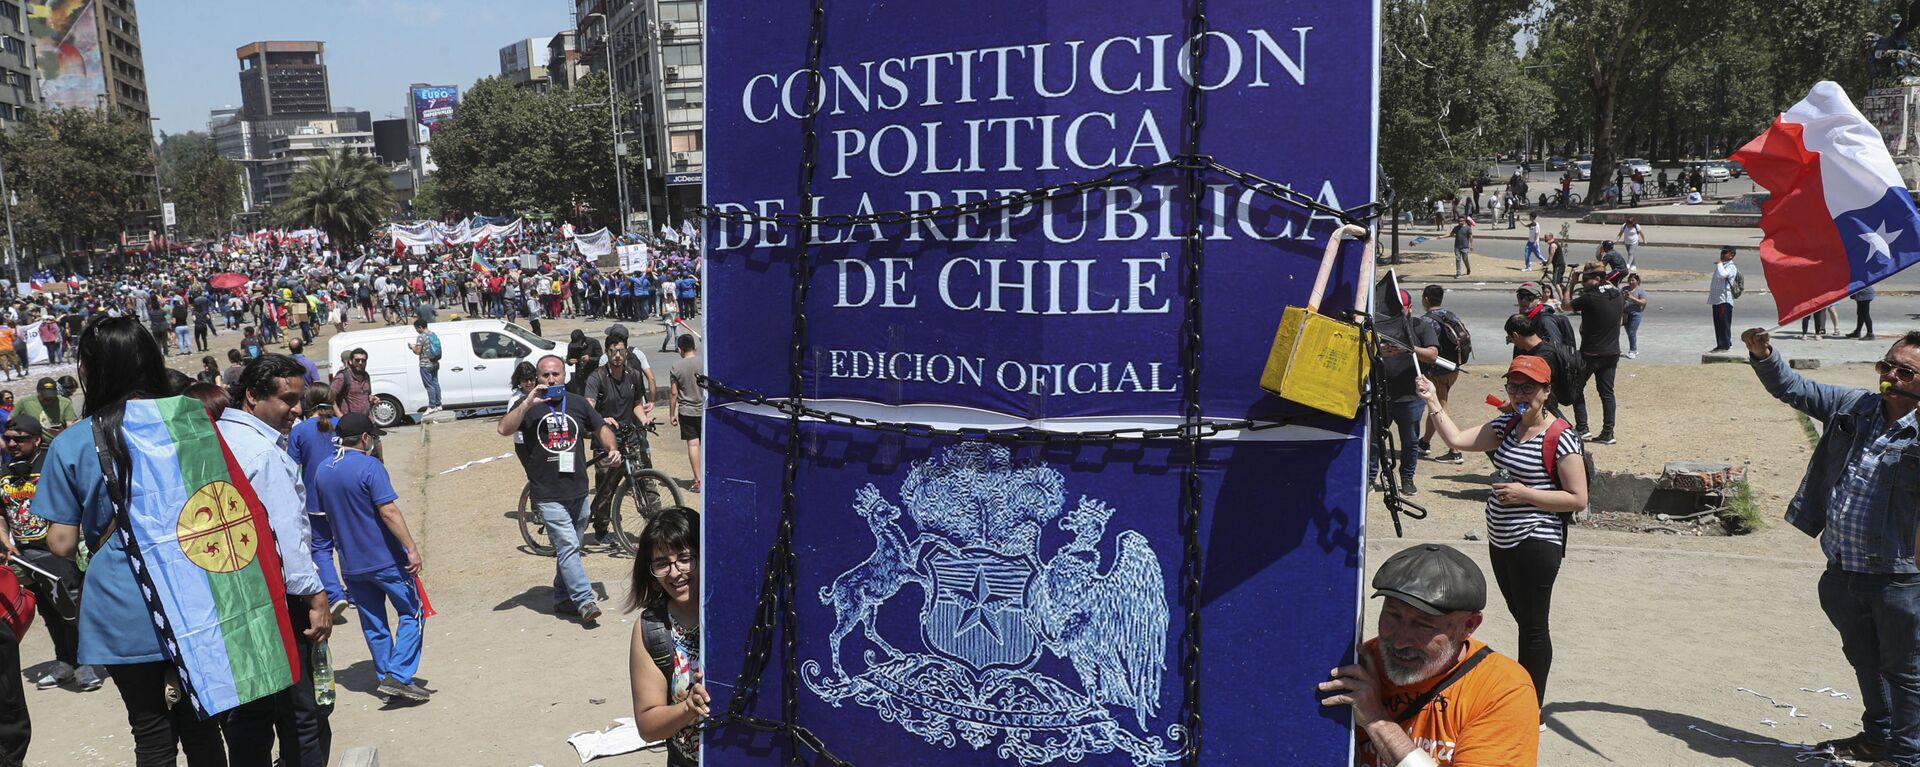 La Constitución de Chile - Sputnik Mundo, 1920, 14.05.2021